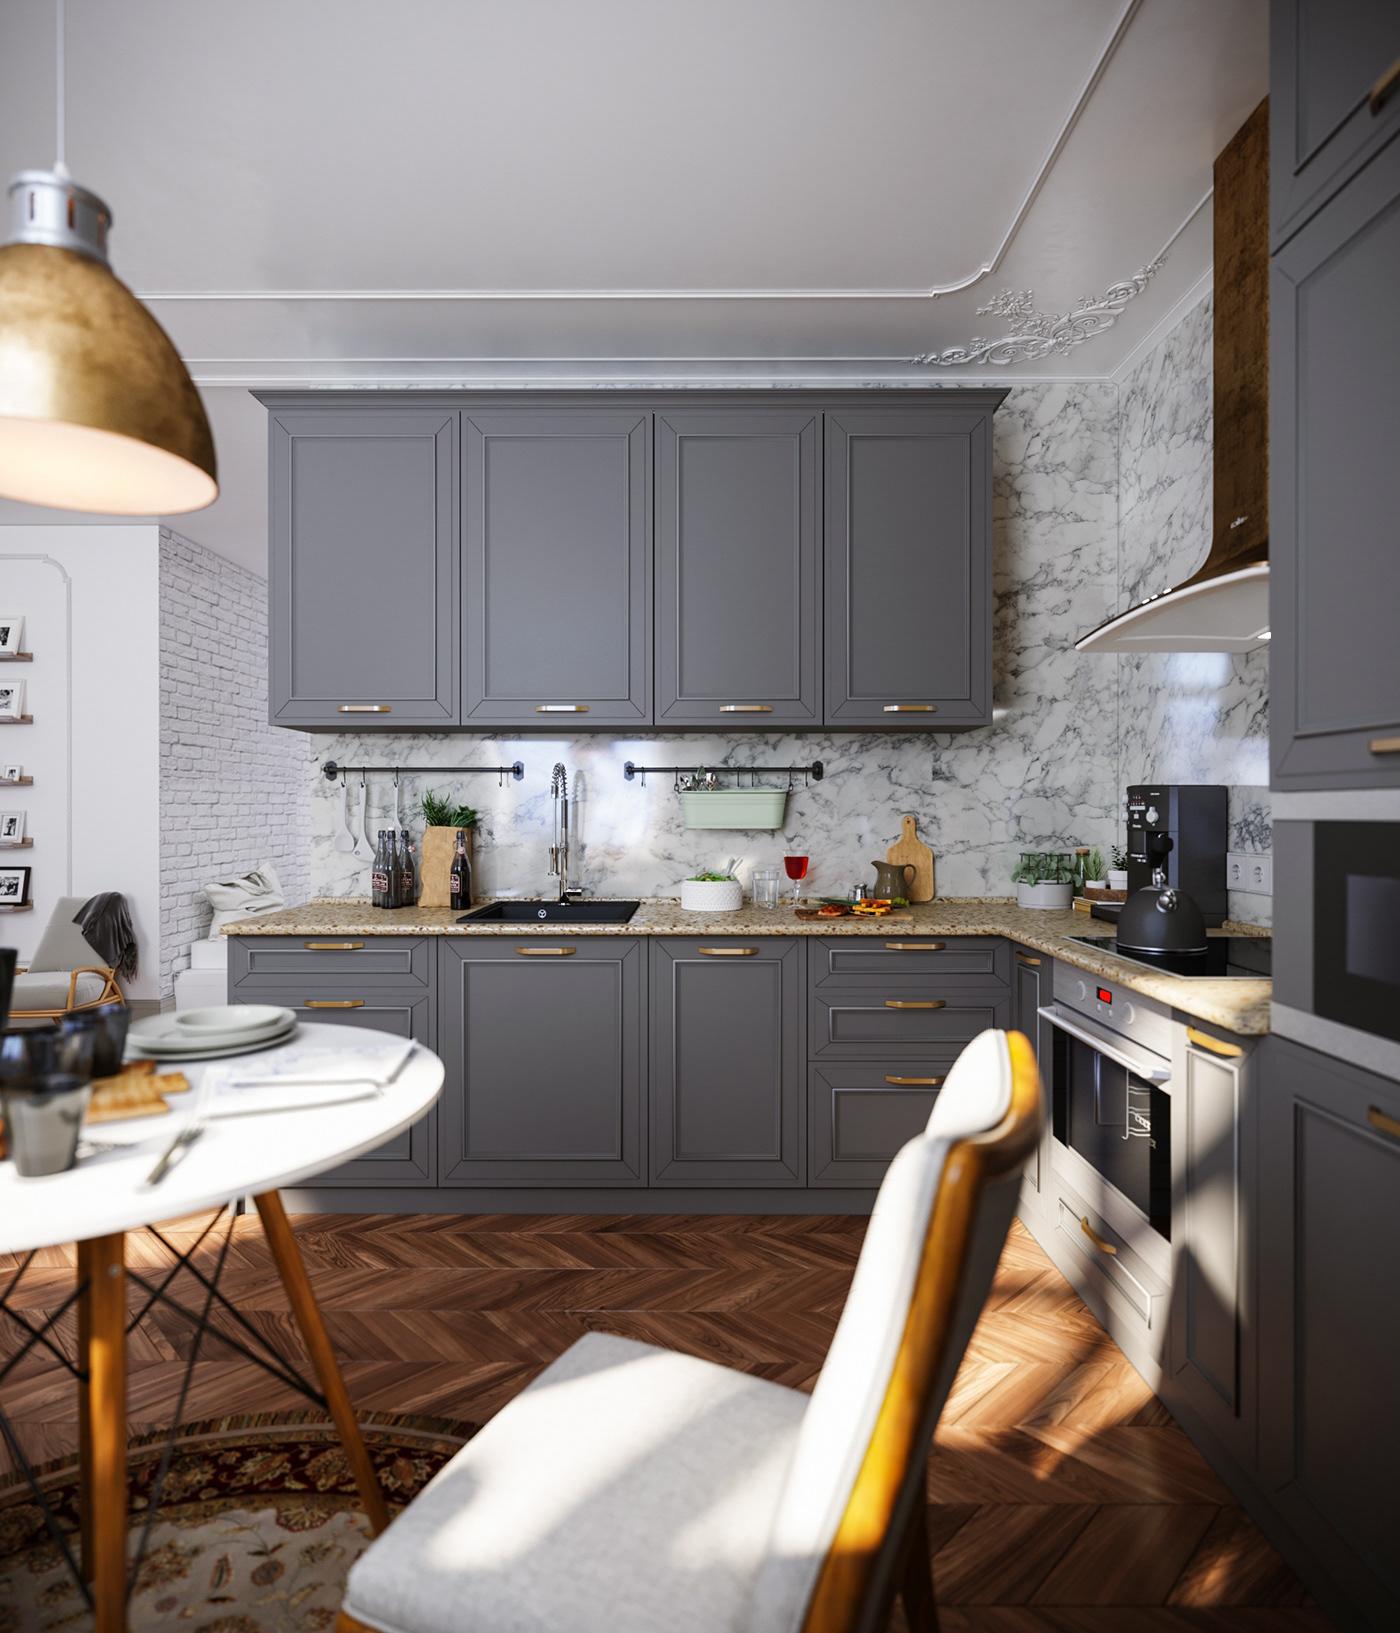 有獨特感的21套廚房用具設計欣賞